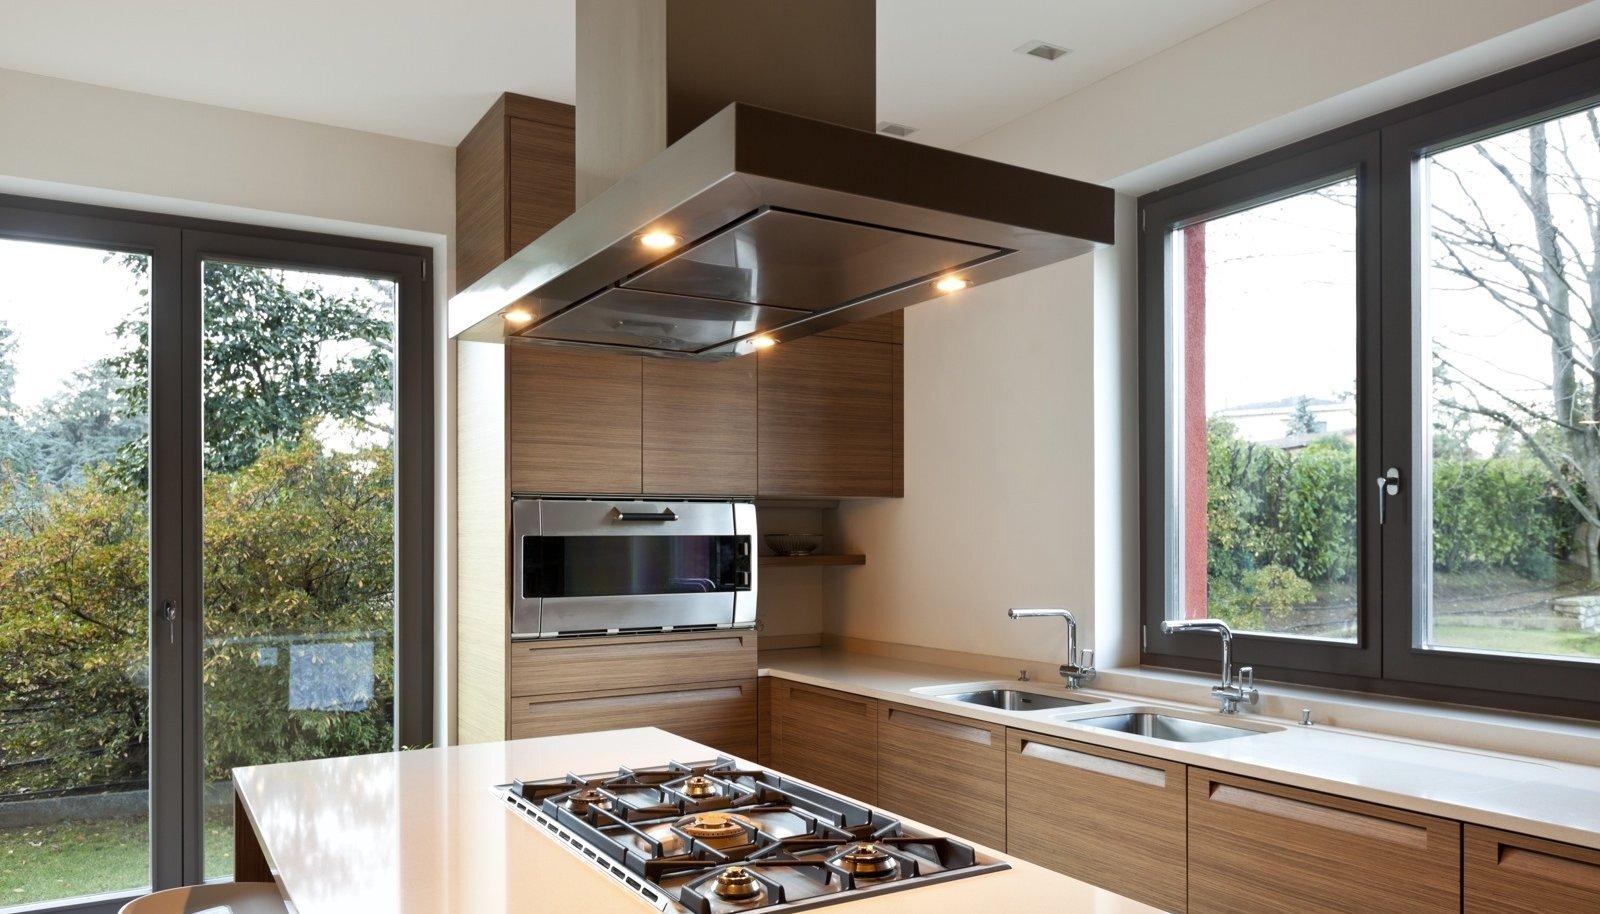 Kui süüa tehakse avatud elutoa keskel, peaks õhupuhasti sobima kogu interjööriga.